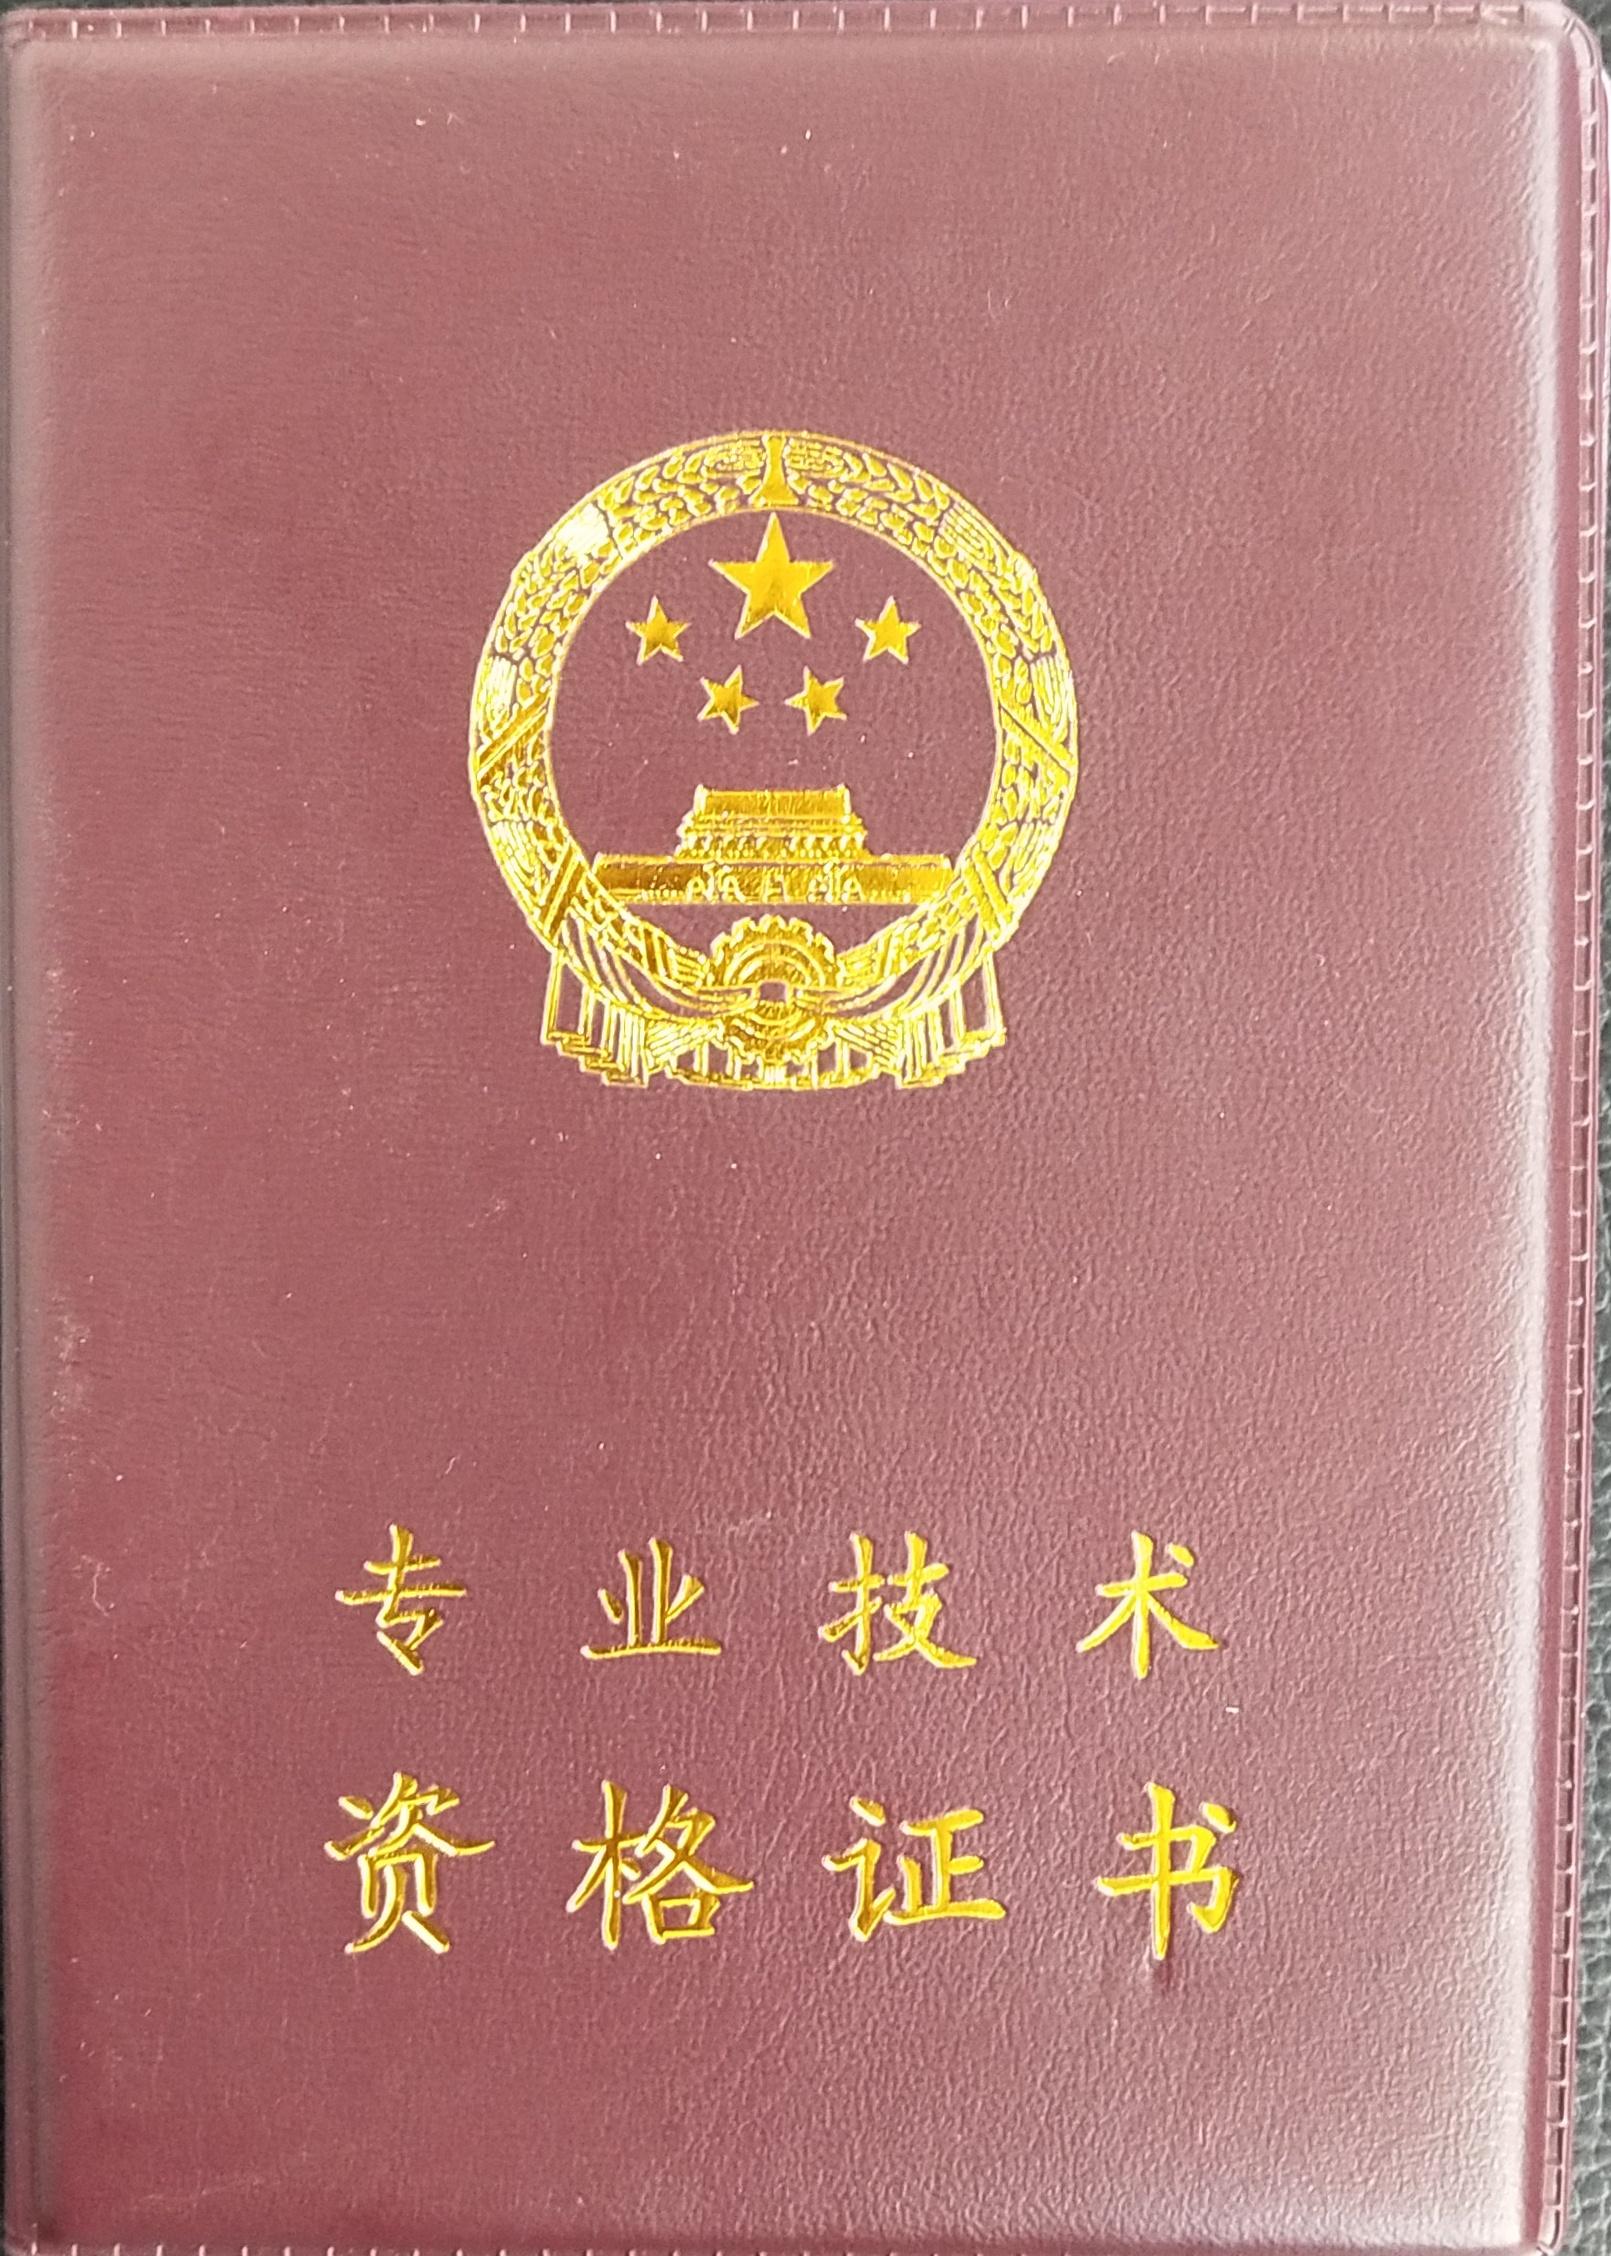 陈春香律师专业技术资格证书